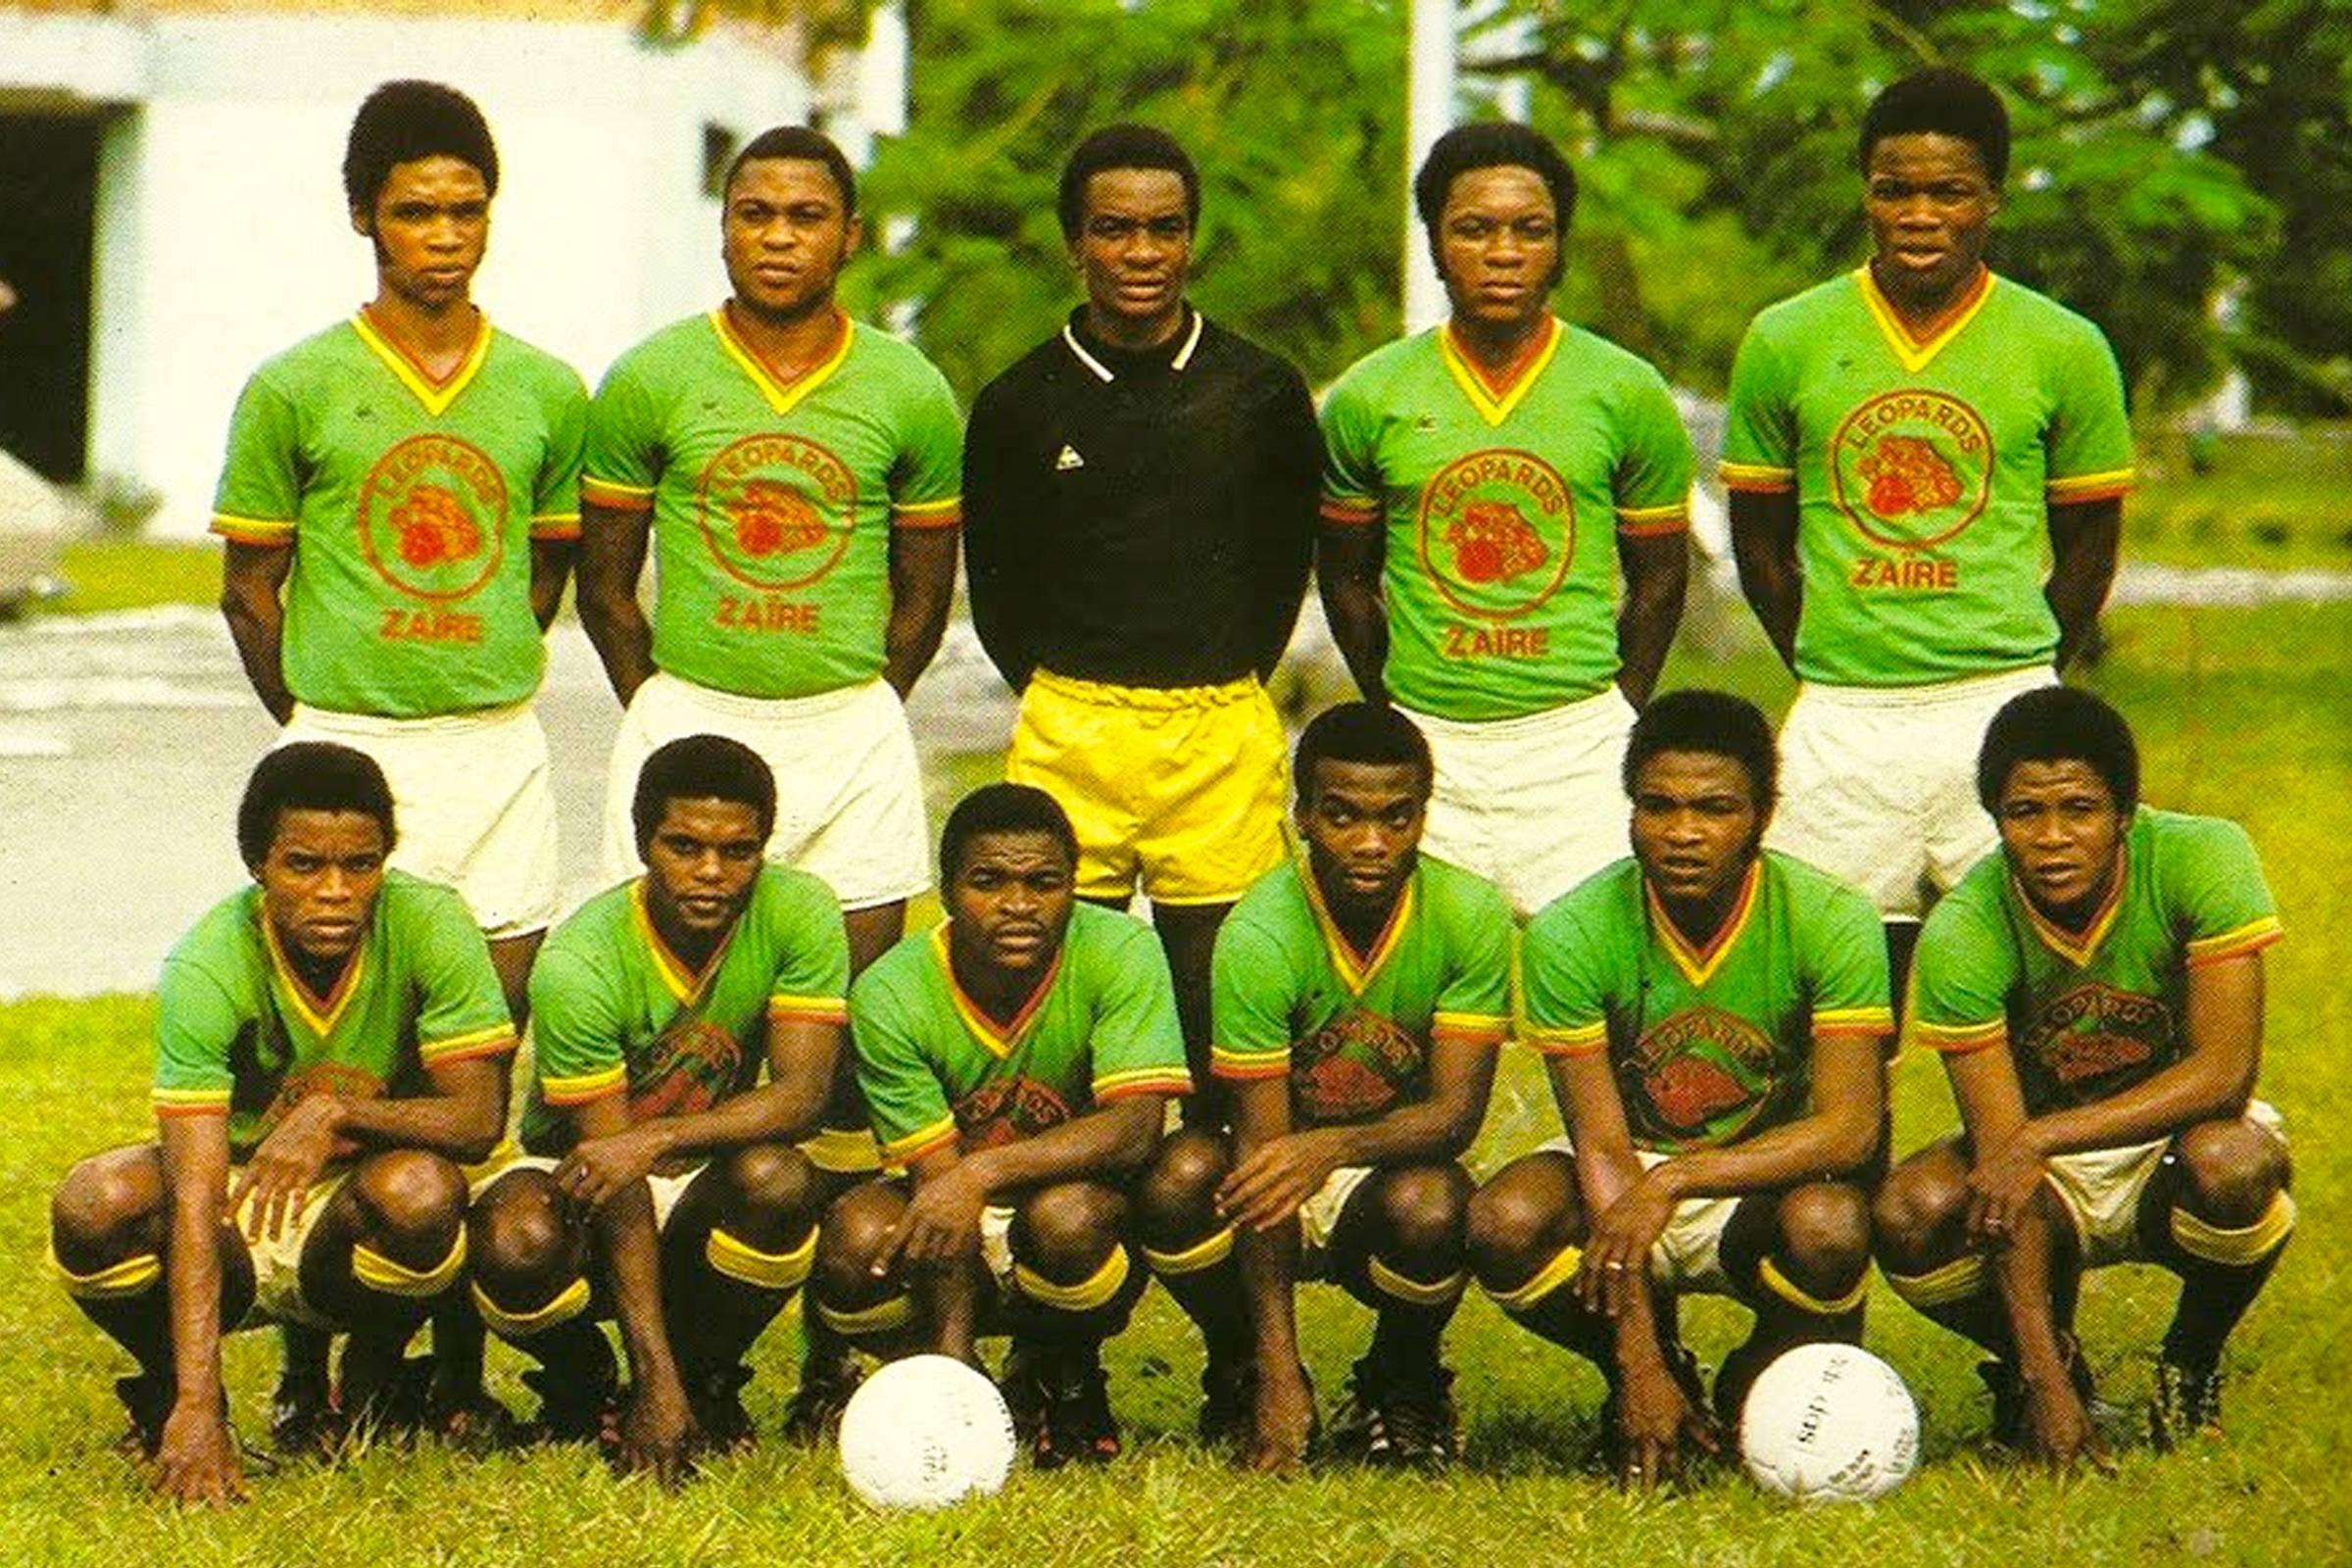 Домашняя форма сборной Заира 1974 года